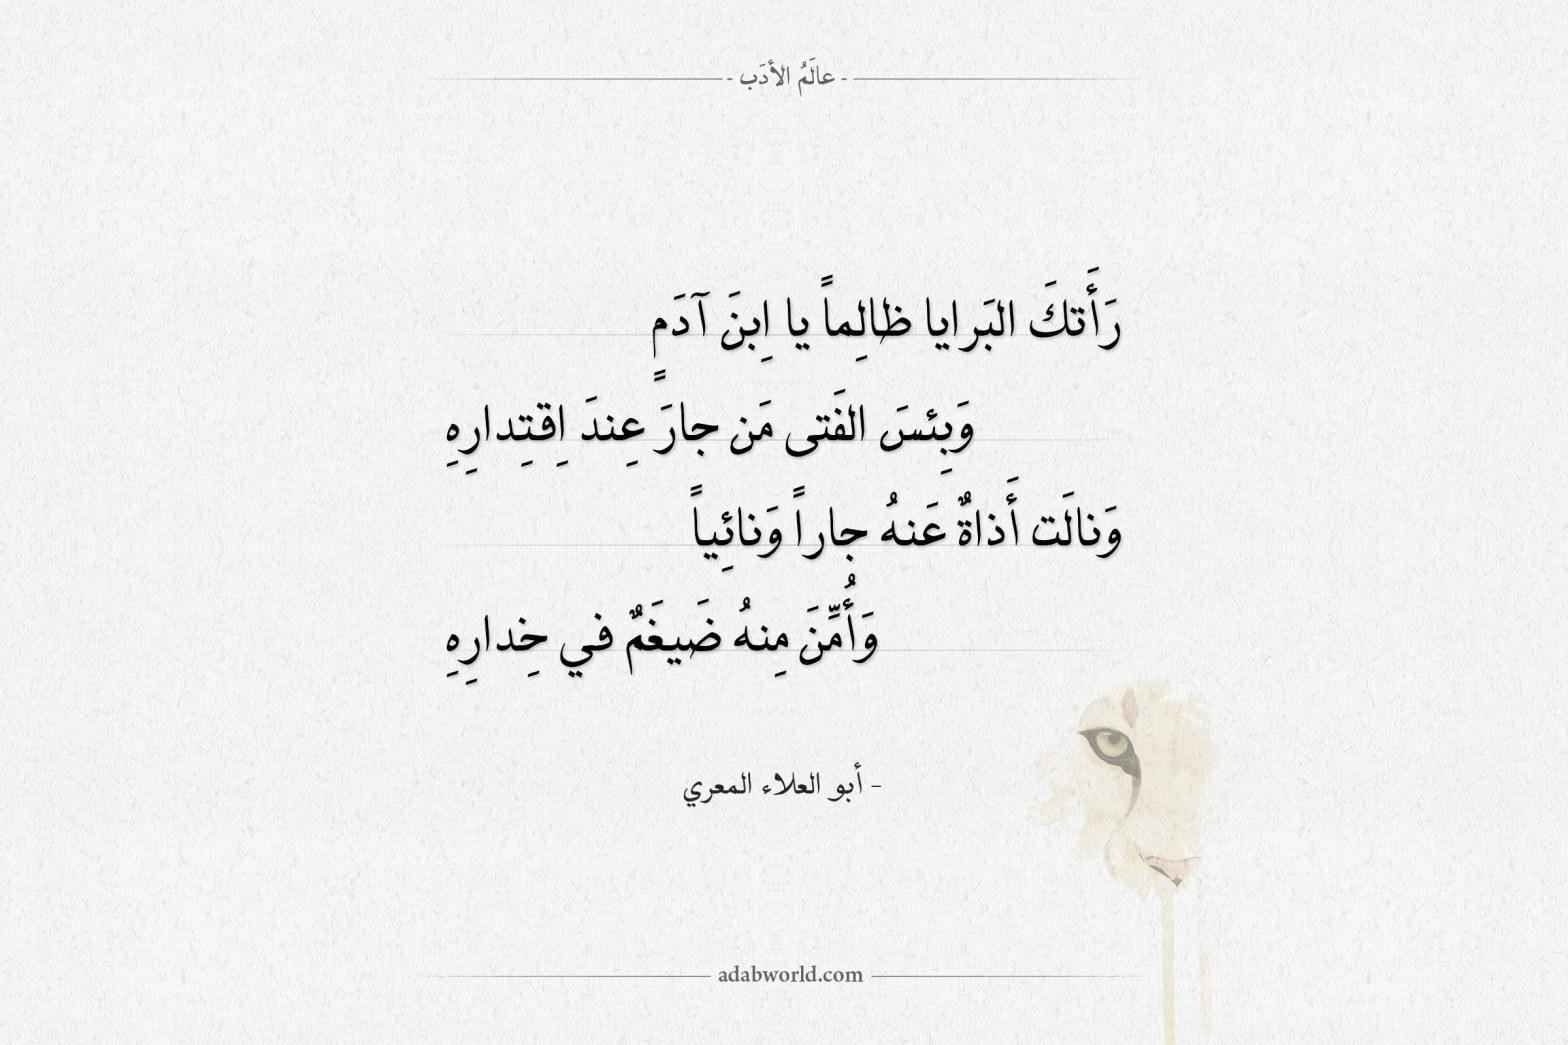 شعر أبو العلاء المعري - قول لك العقل